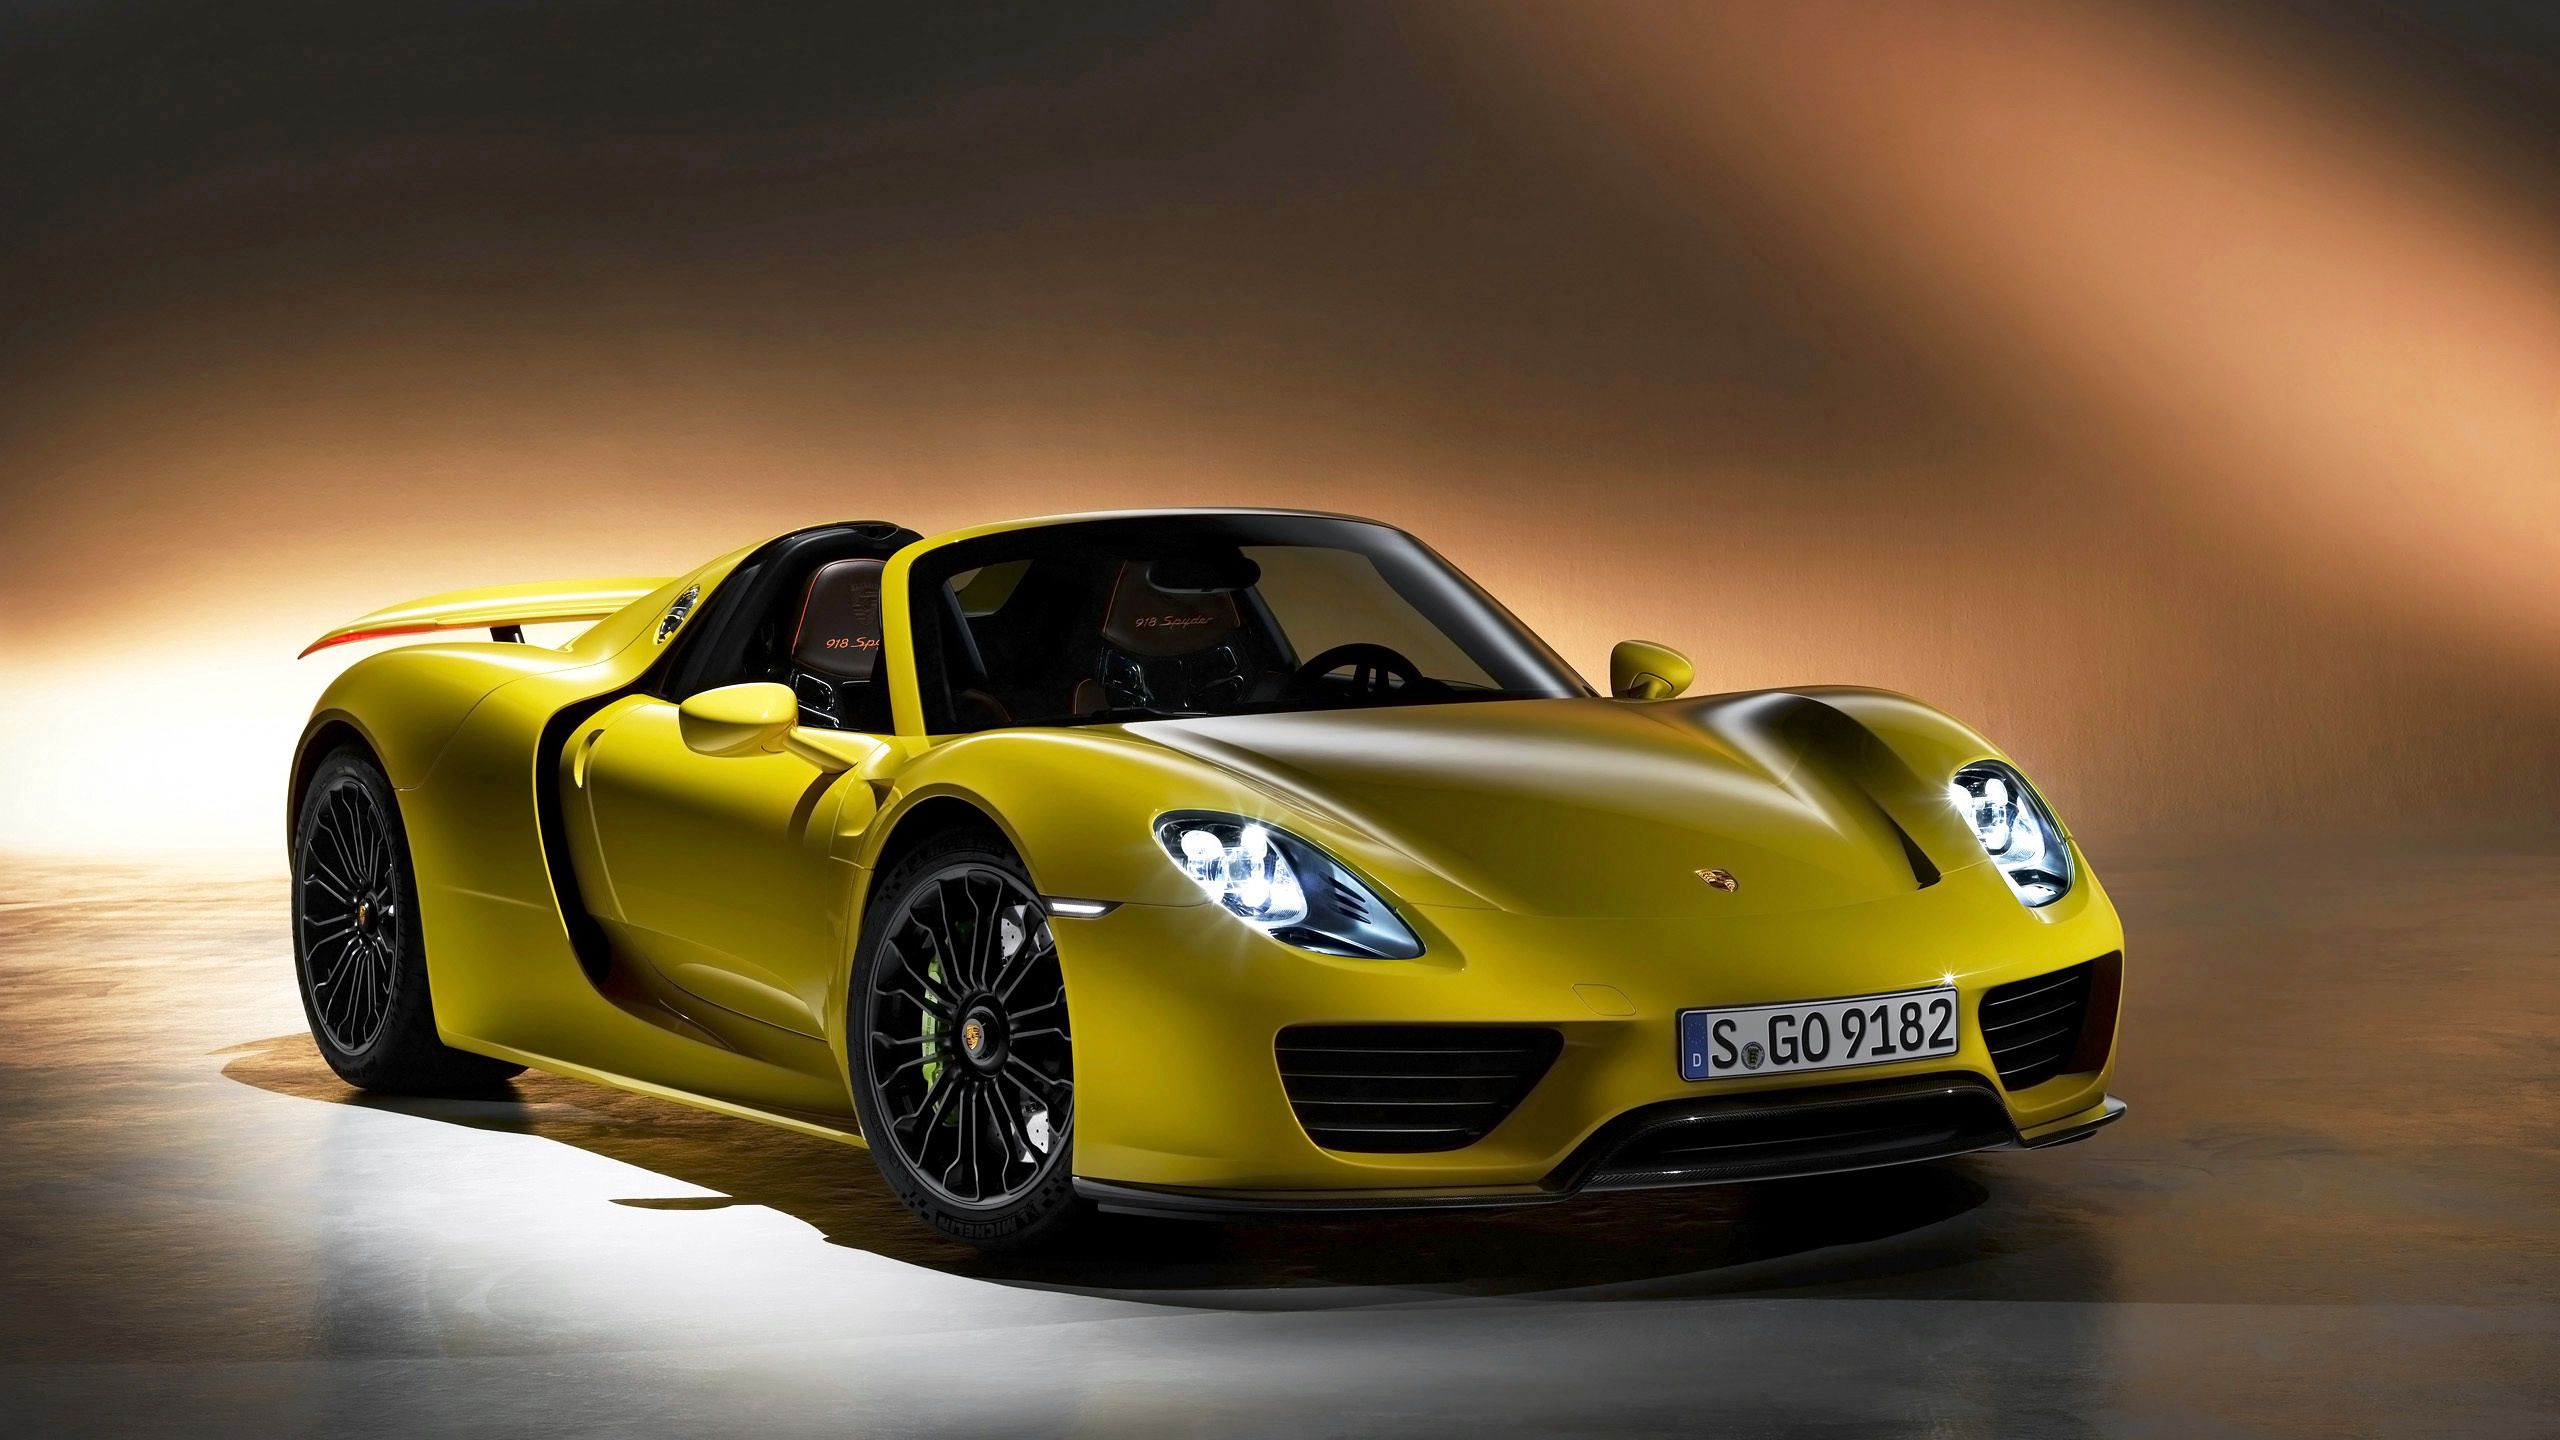 145178 Заставки и Обои Порш (Porsche) на телефон. Скачать Порш (Porsche), Машины, Тачки (Cars), 2014, Spyder картинки бесплатно